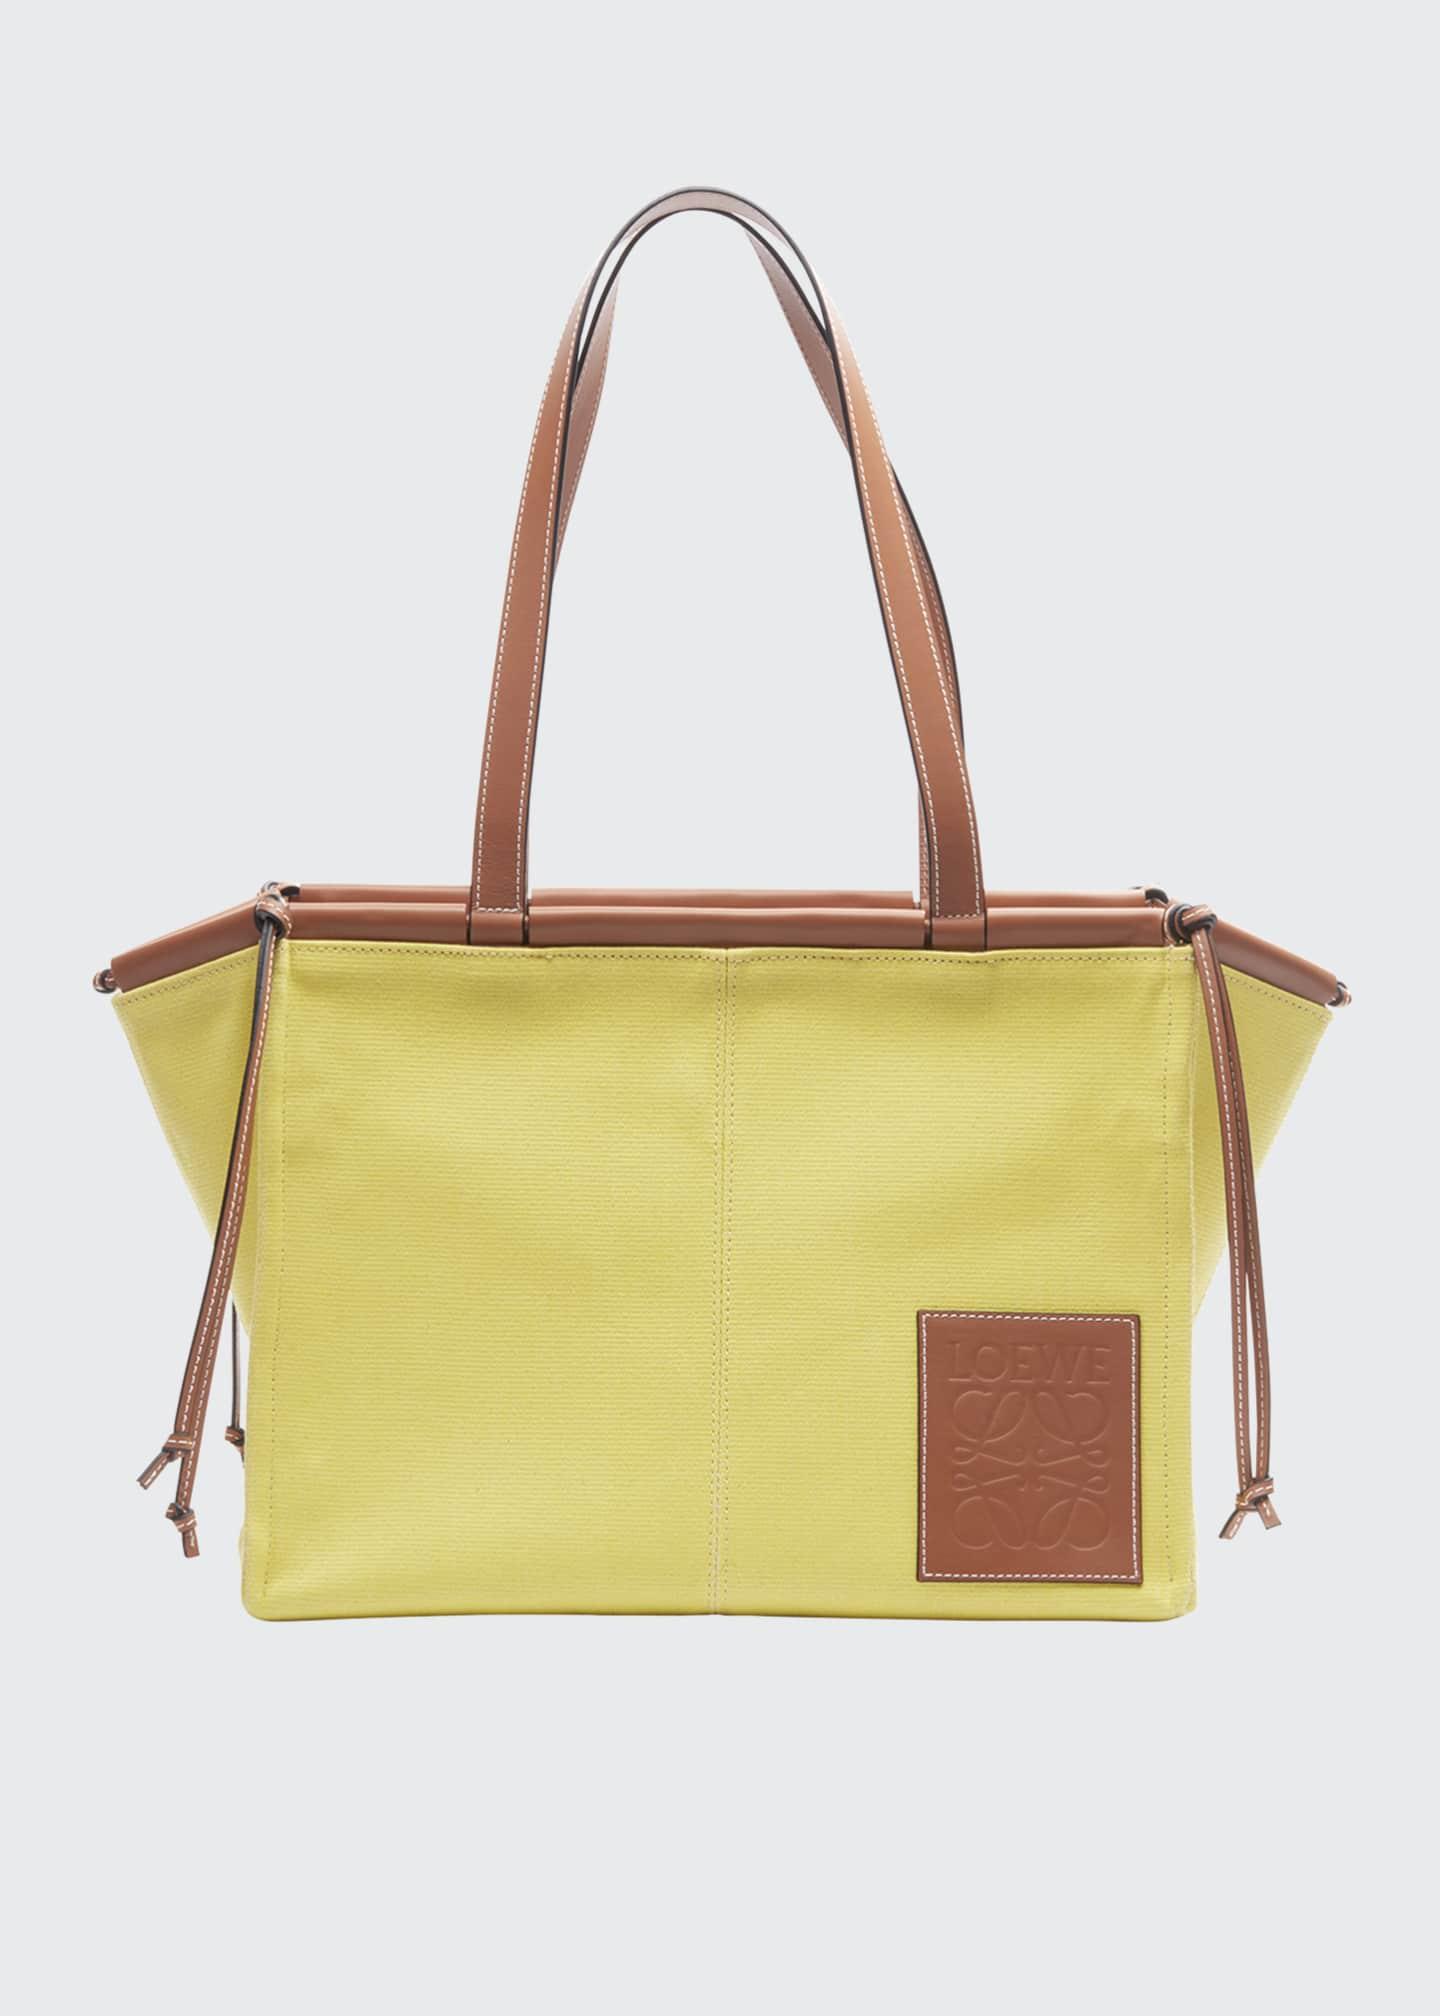 Loewe Cushion Two-Tone Leather Tote Bag